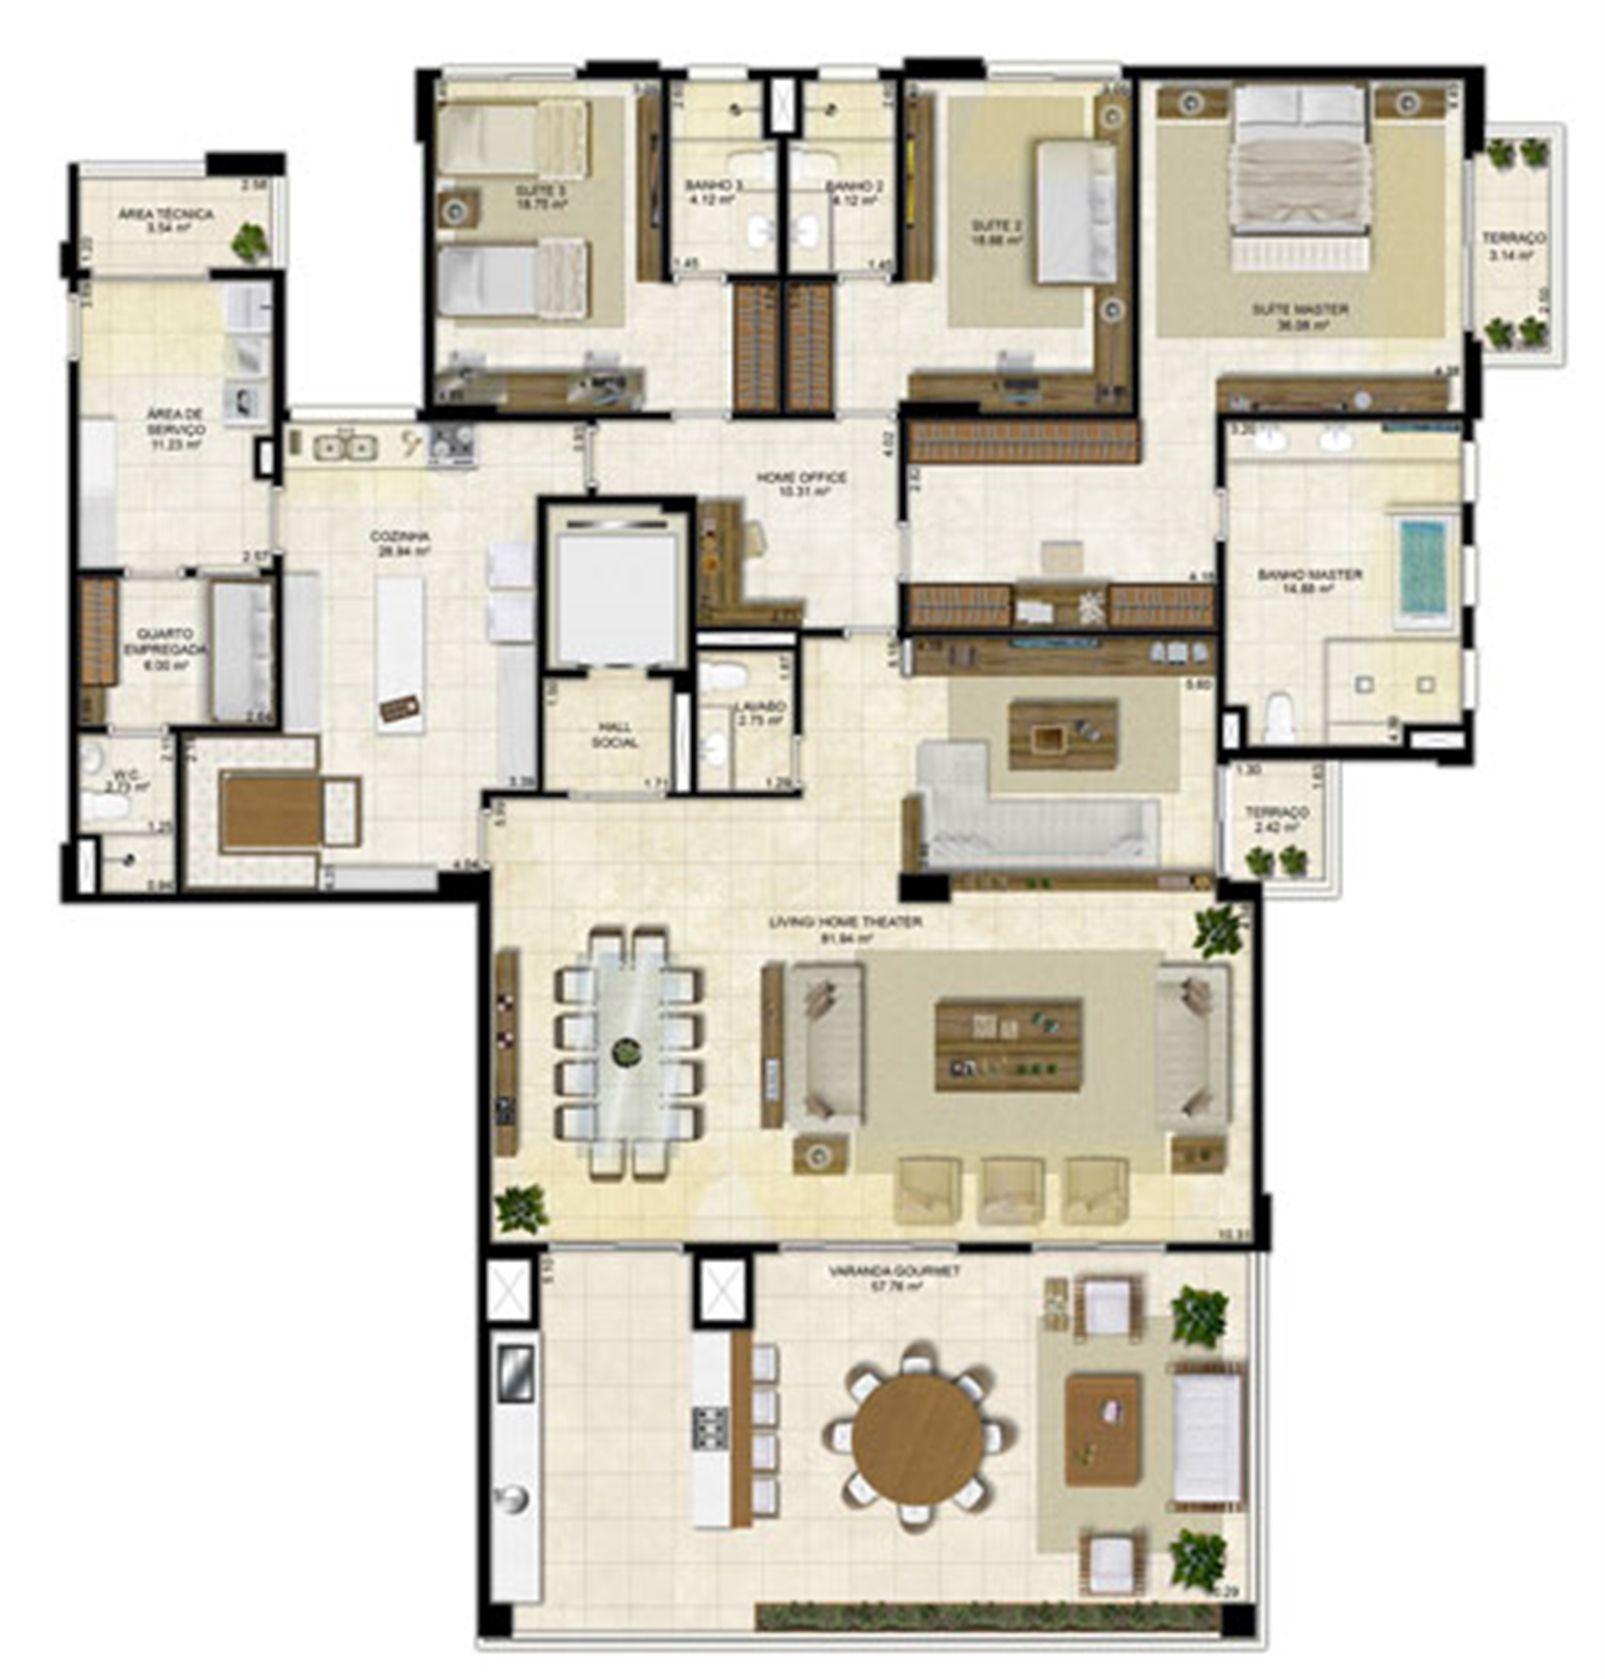 Planta ampliada 305 m² - Cozinha Ampliada e Sala de Jantar integrada – Pavimentos Pares | Île Saint Louis  – Apartamentona  Ponta D'areia - São Luís - Maranhão